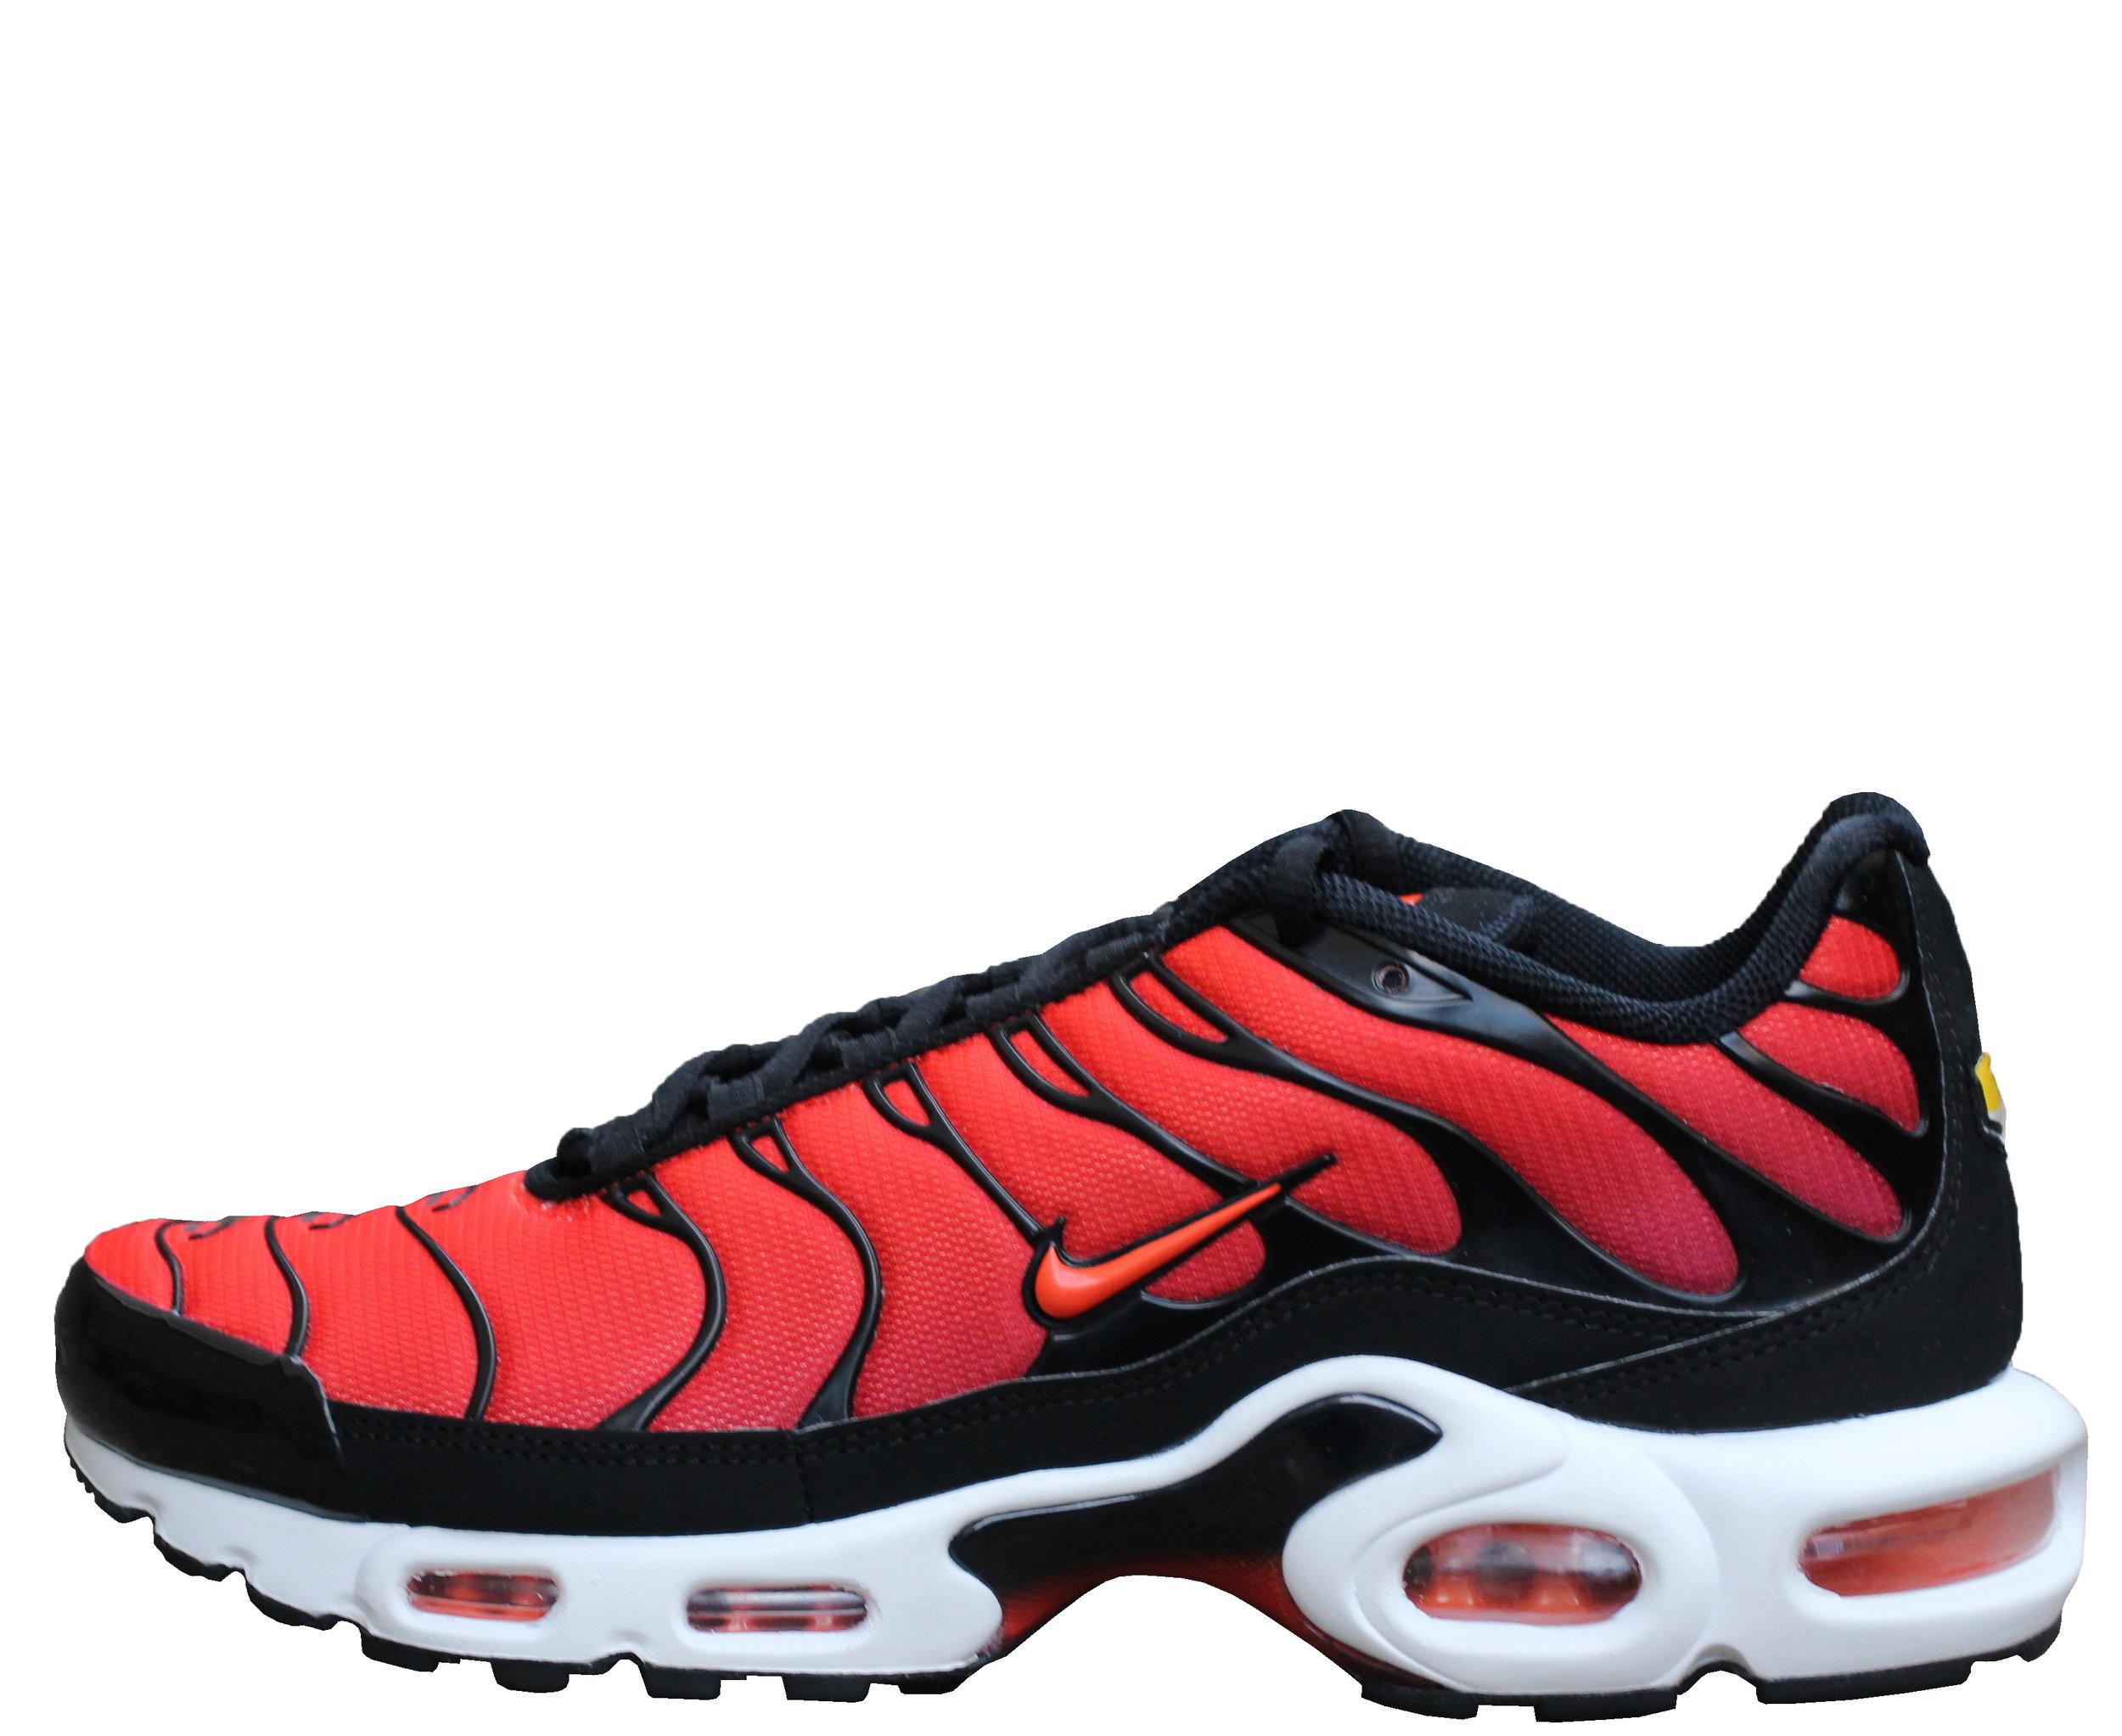 Nike Air Max Plus Black / Team Orange